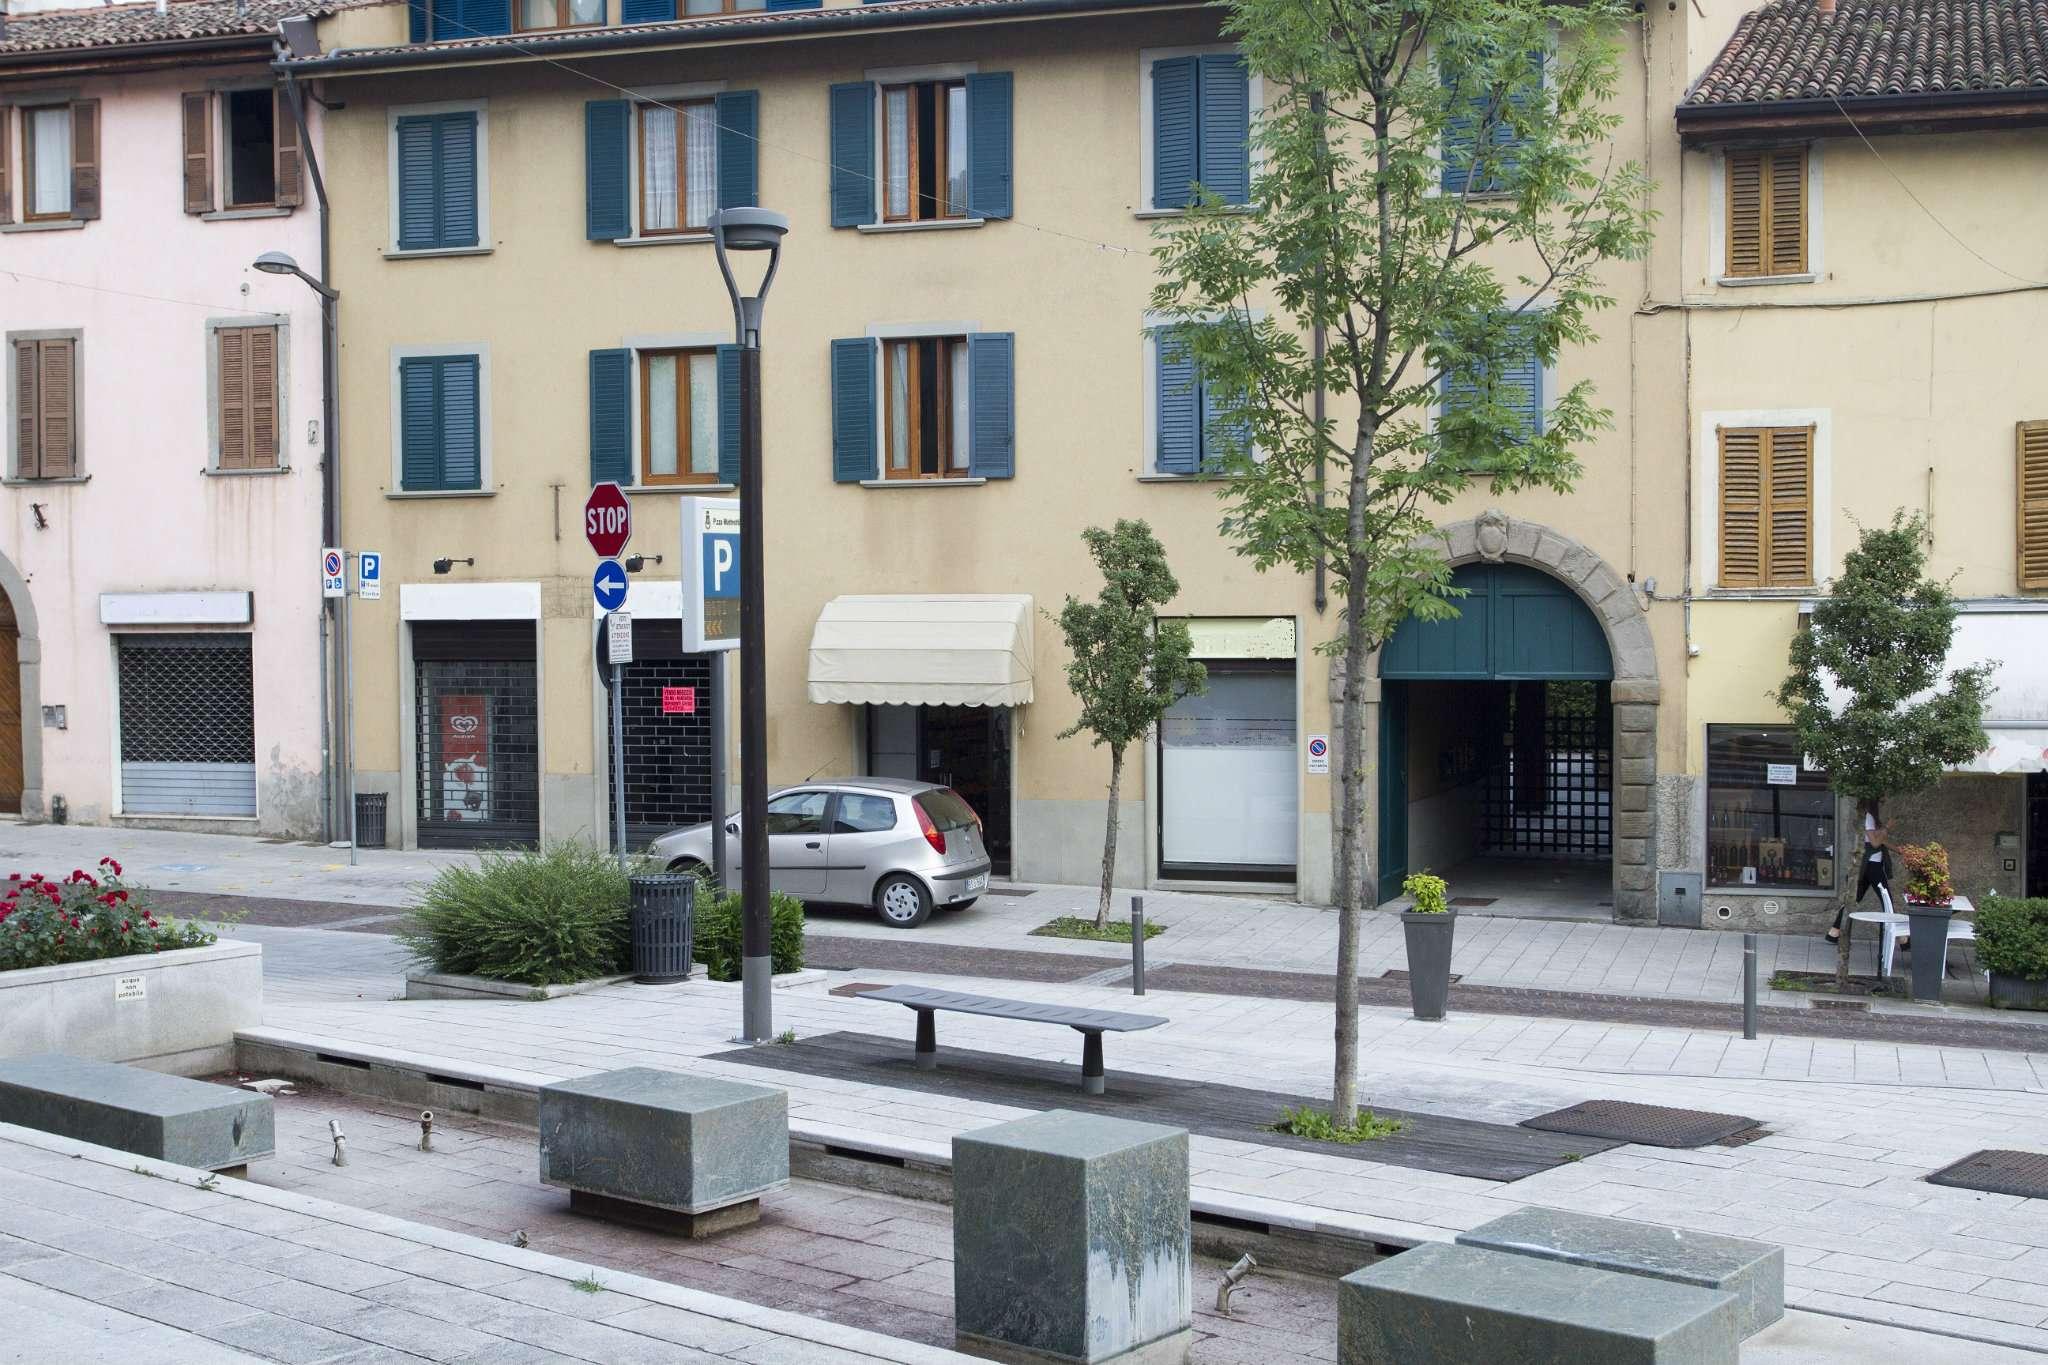 Negozio / Locale in vendita a Nembro, 2 locali, prezzo € 100.000 | CambioCasa.it